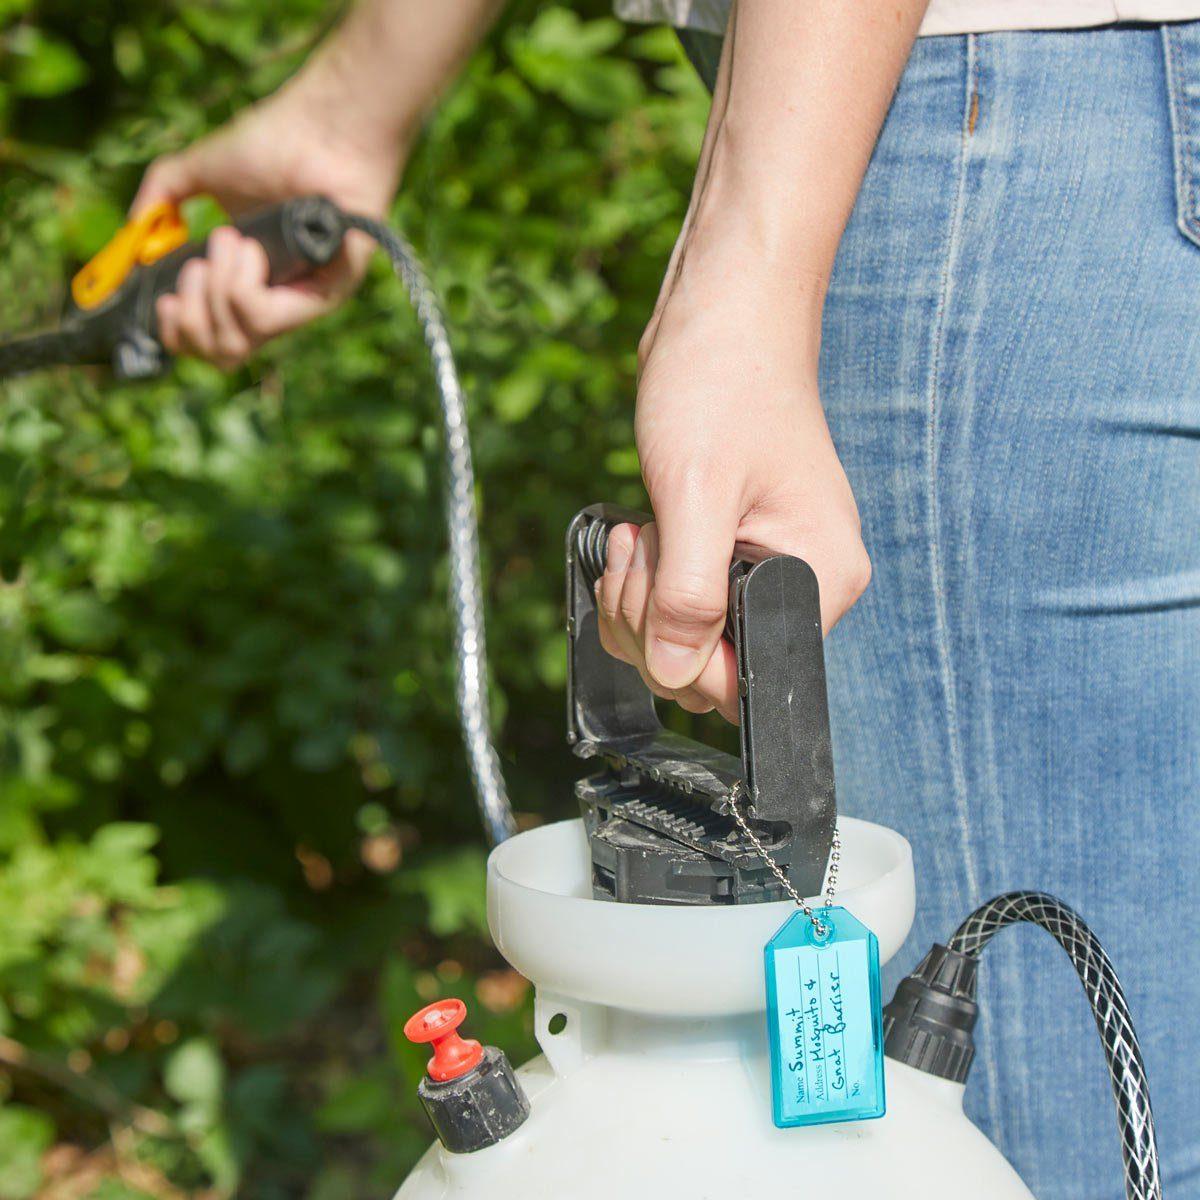 HH Garden sprayer labels